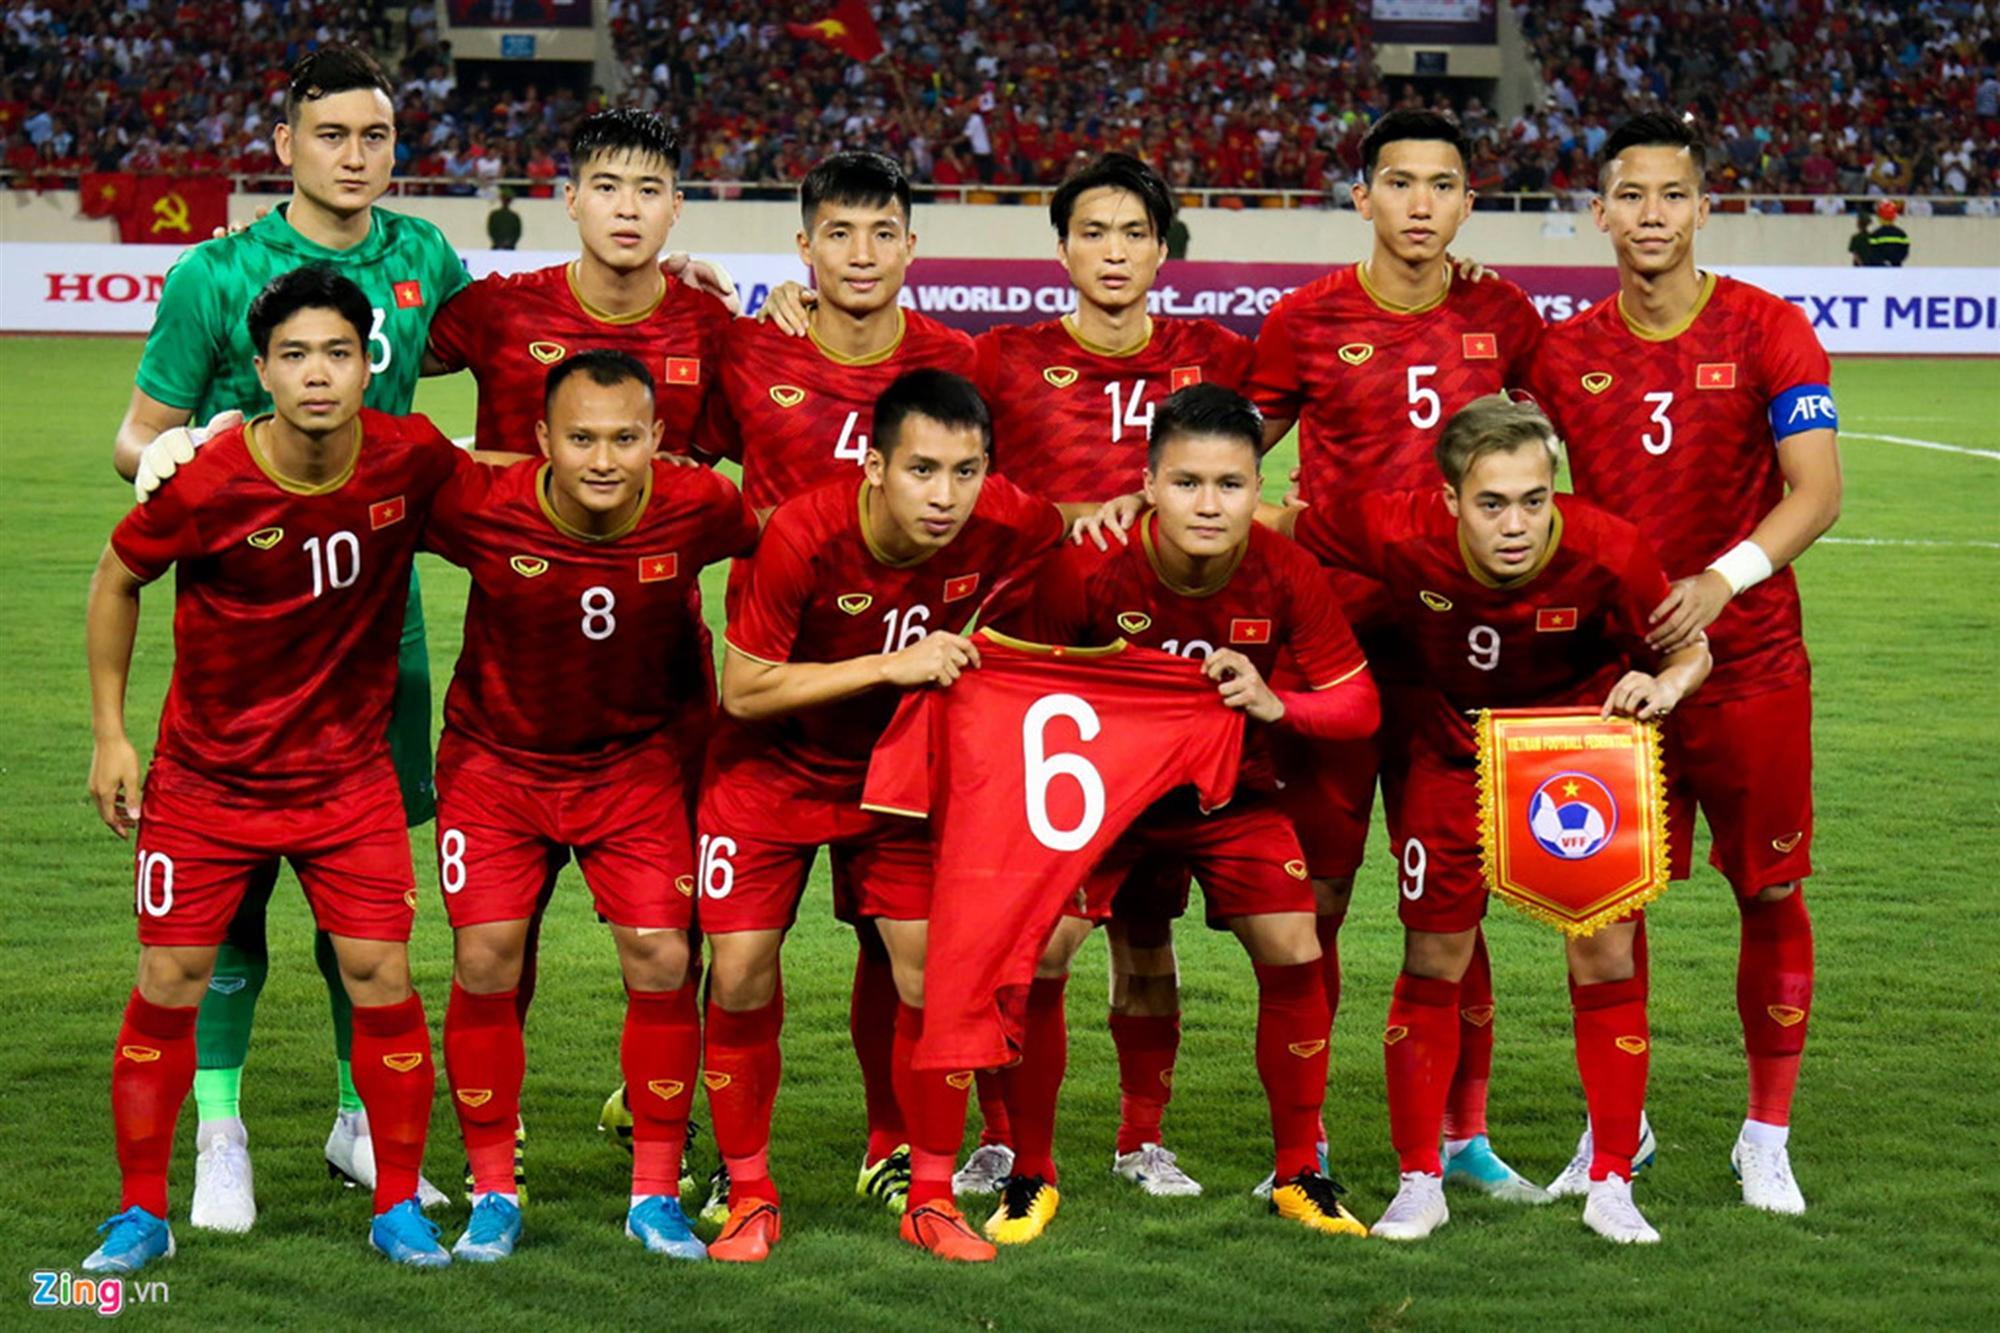 HLV Park và 2 năm đưa bóng đá Việt Nam lên bản đồ châu lục-6